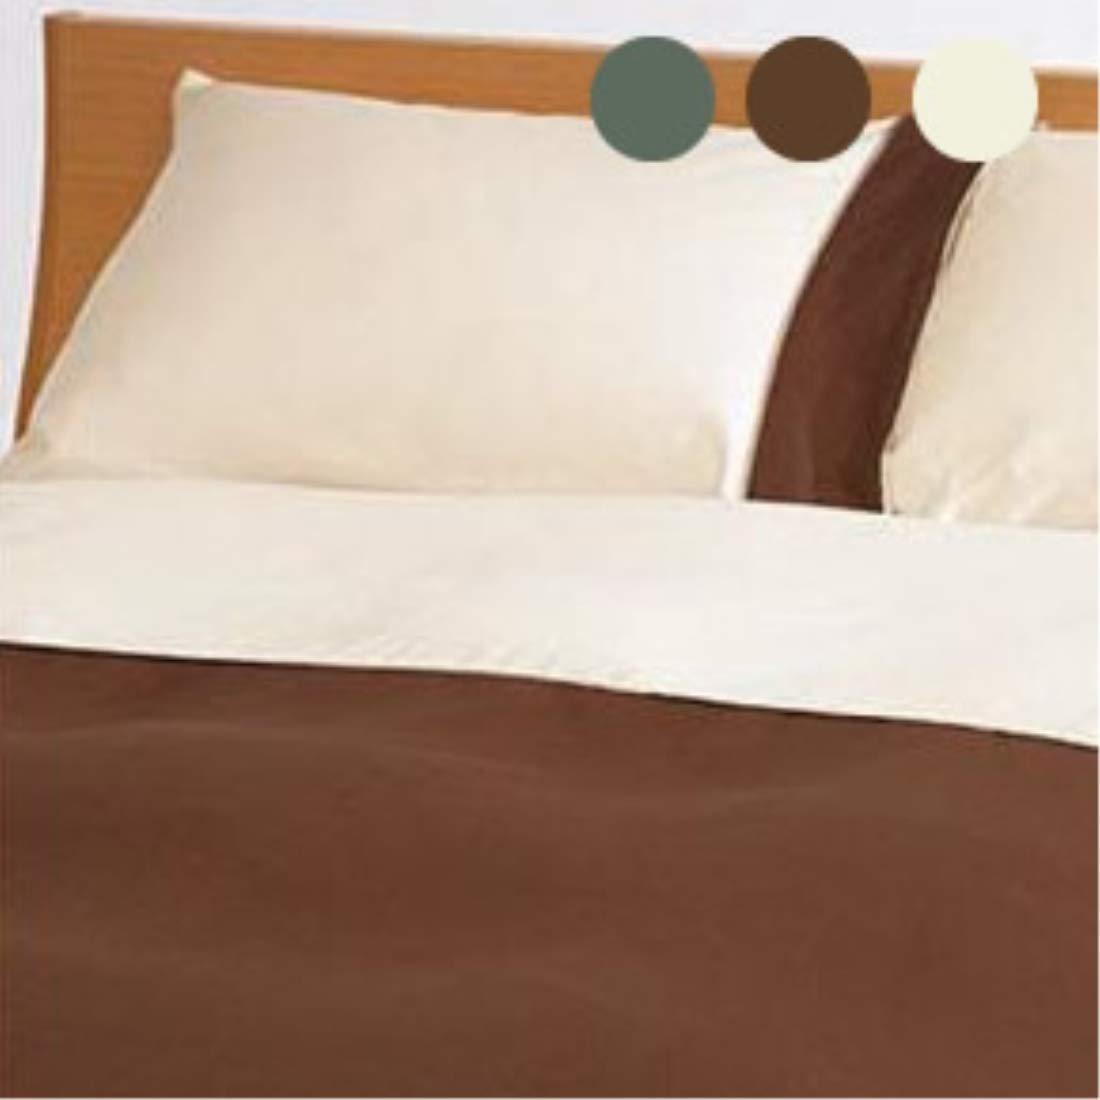 □寝装 寝具関連 おしゃれ□掛ふとんカバー ダブル オリーブ B07Q5CXMCL